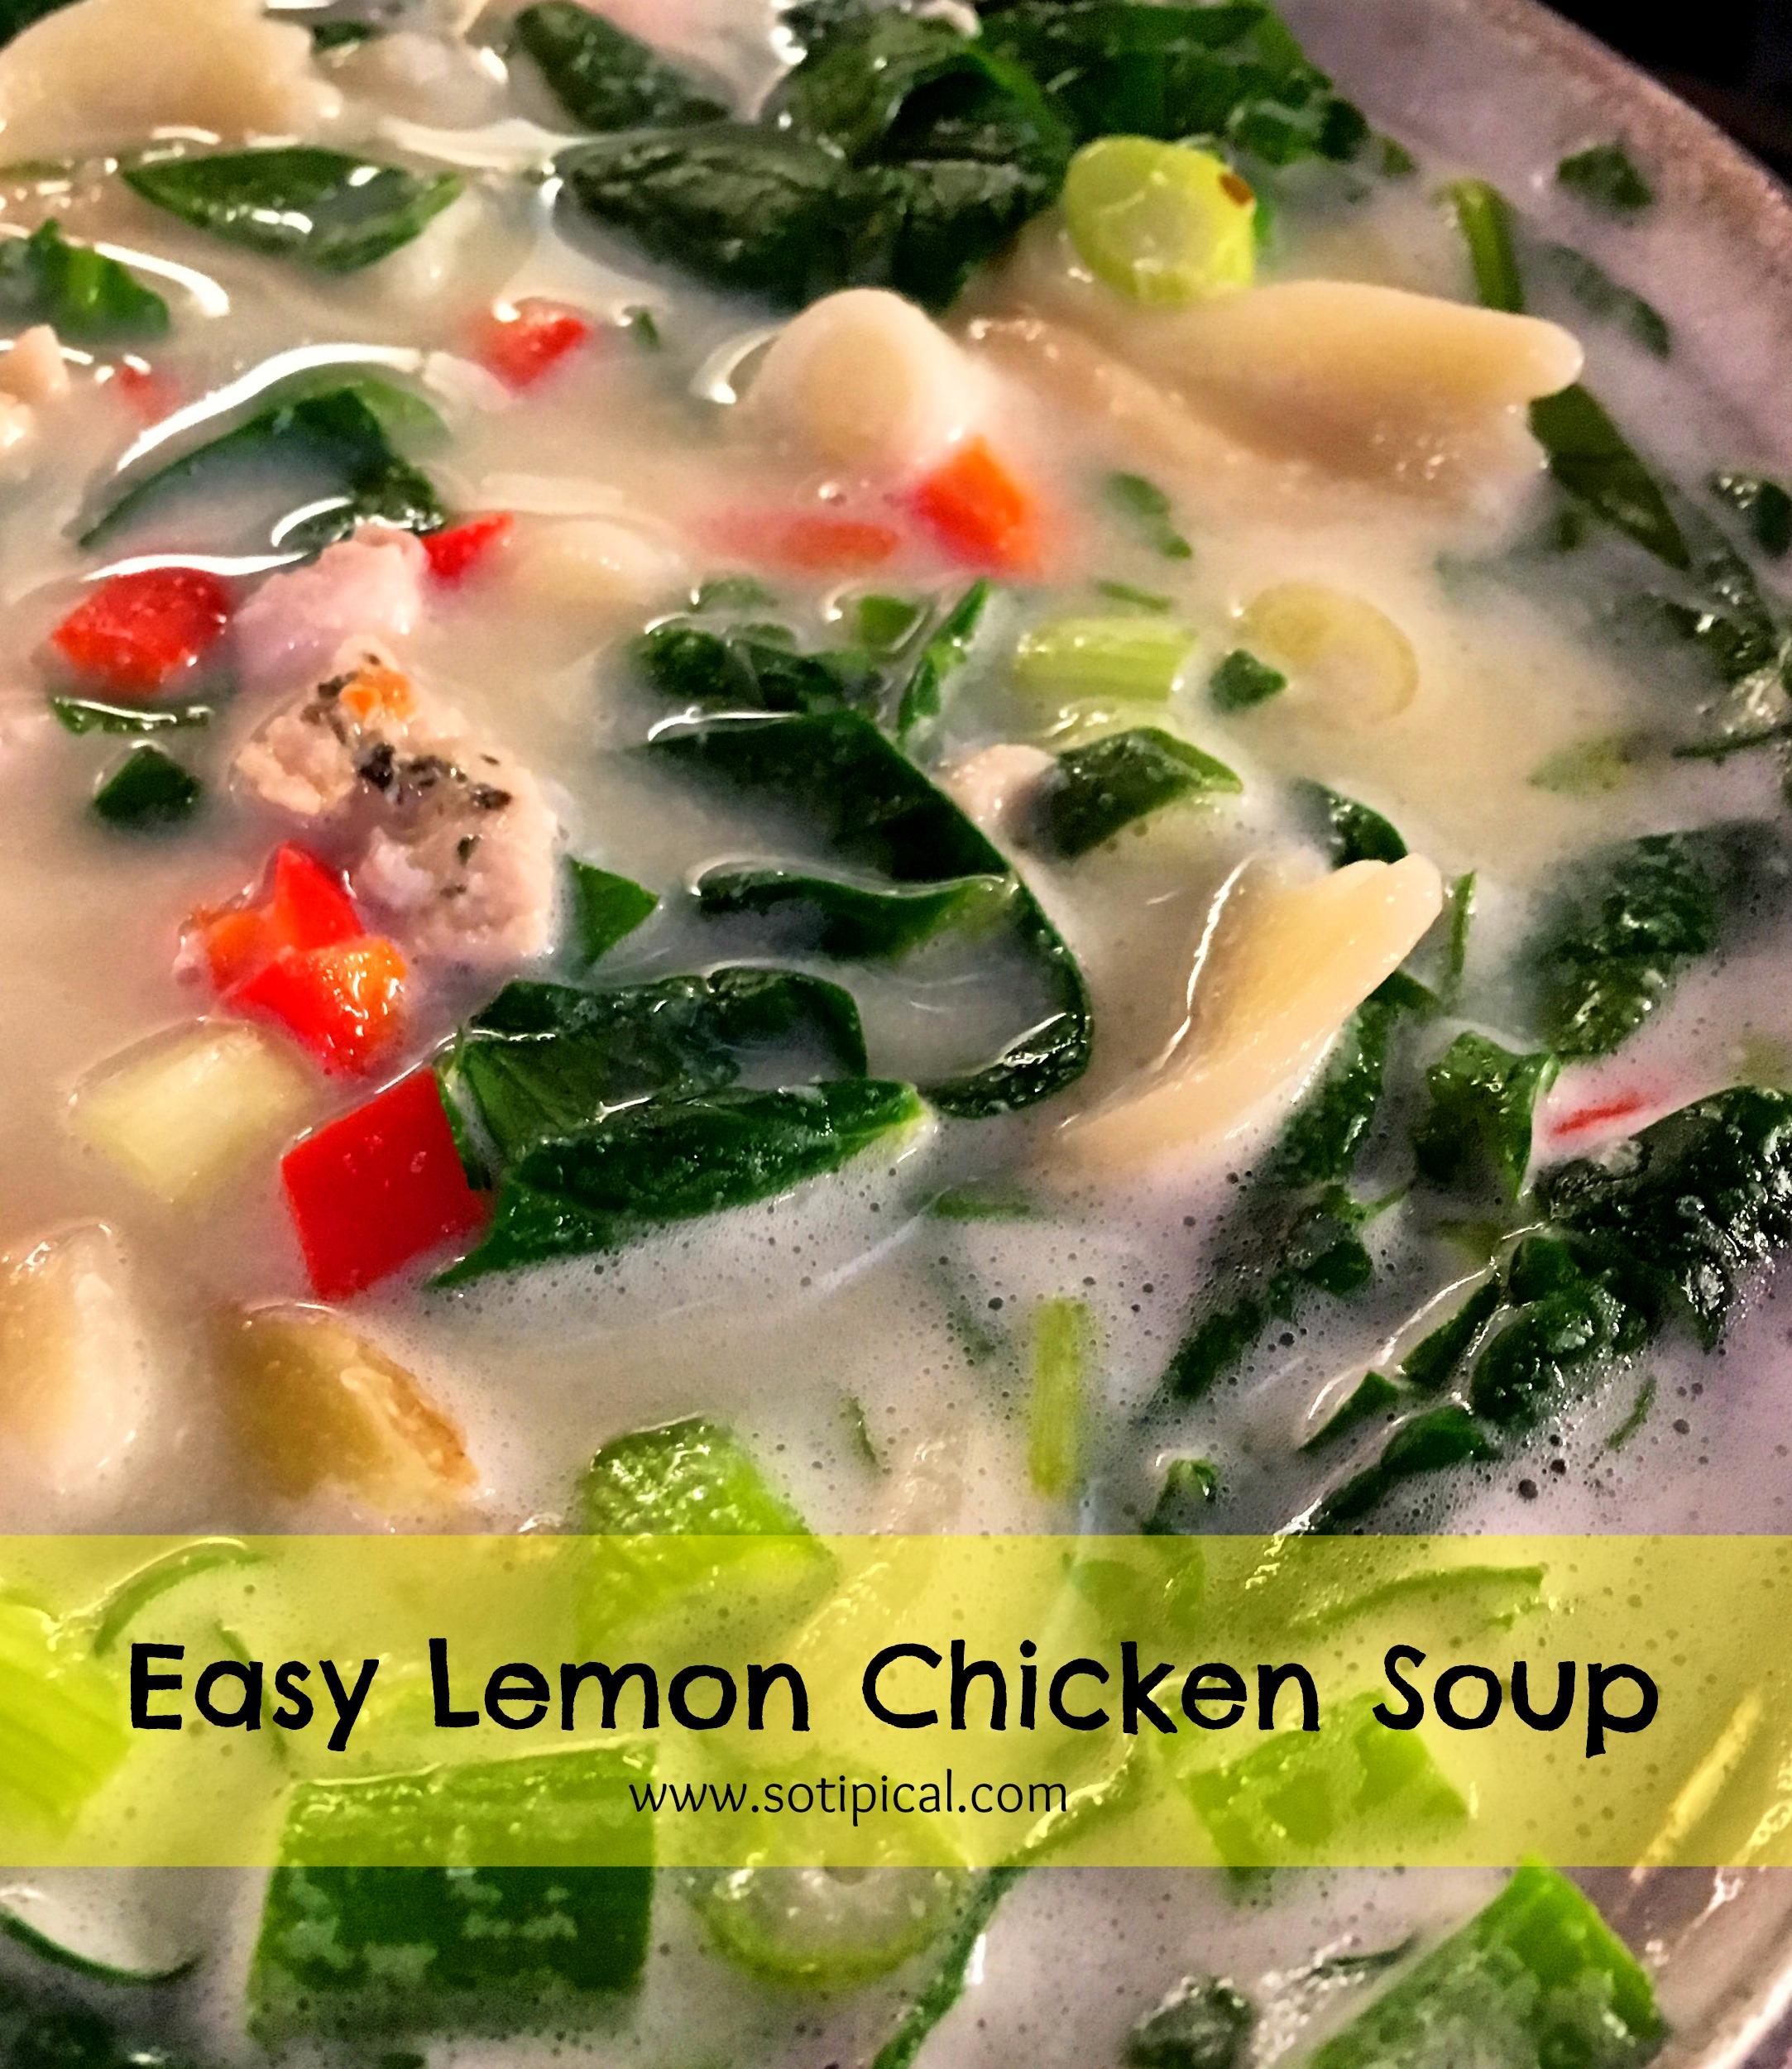 easy lemon chicken soup 2